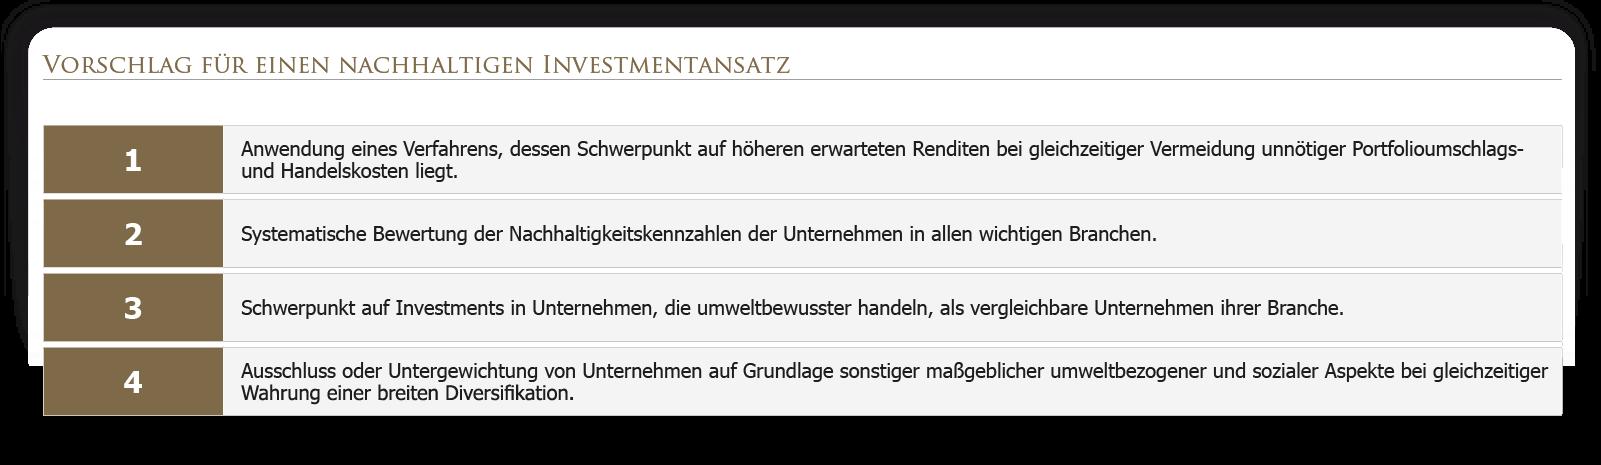 Vorschlag für einen nachhaltigen Investmentansatz